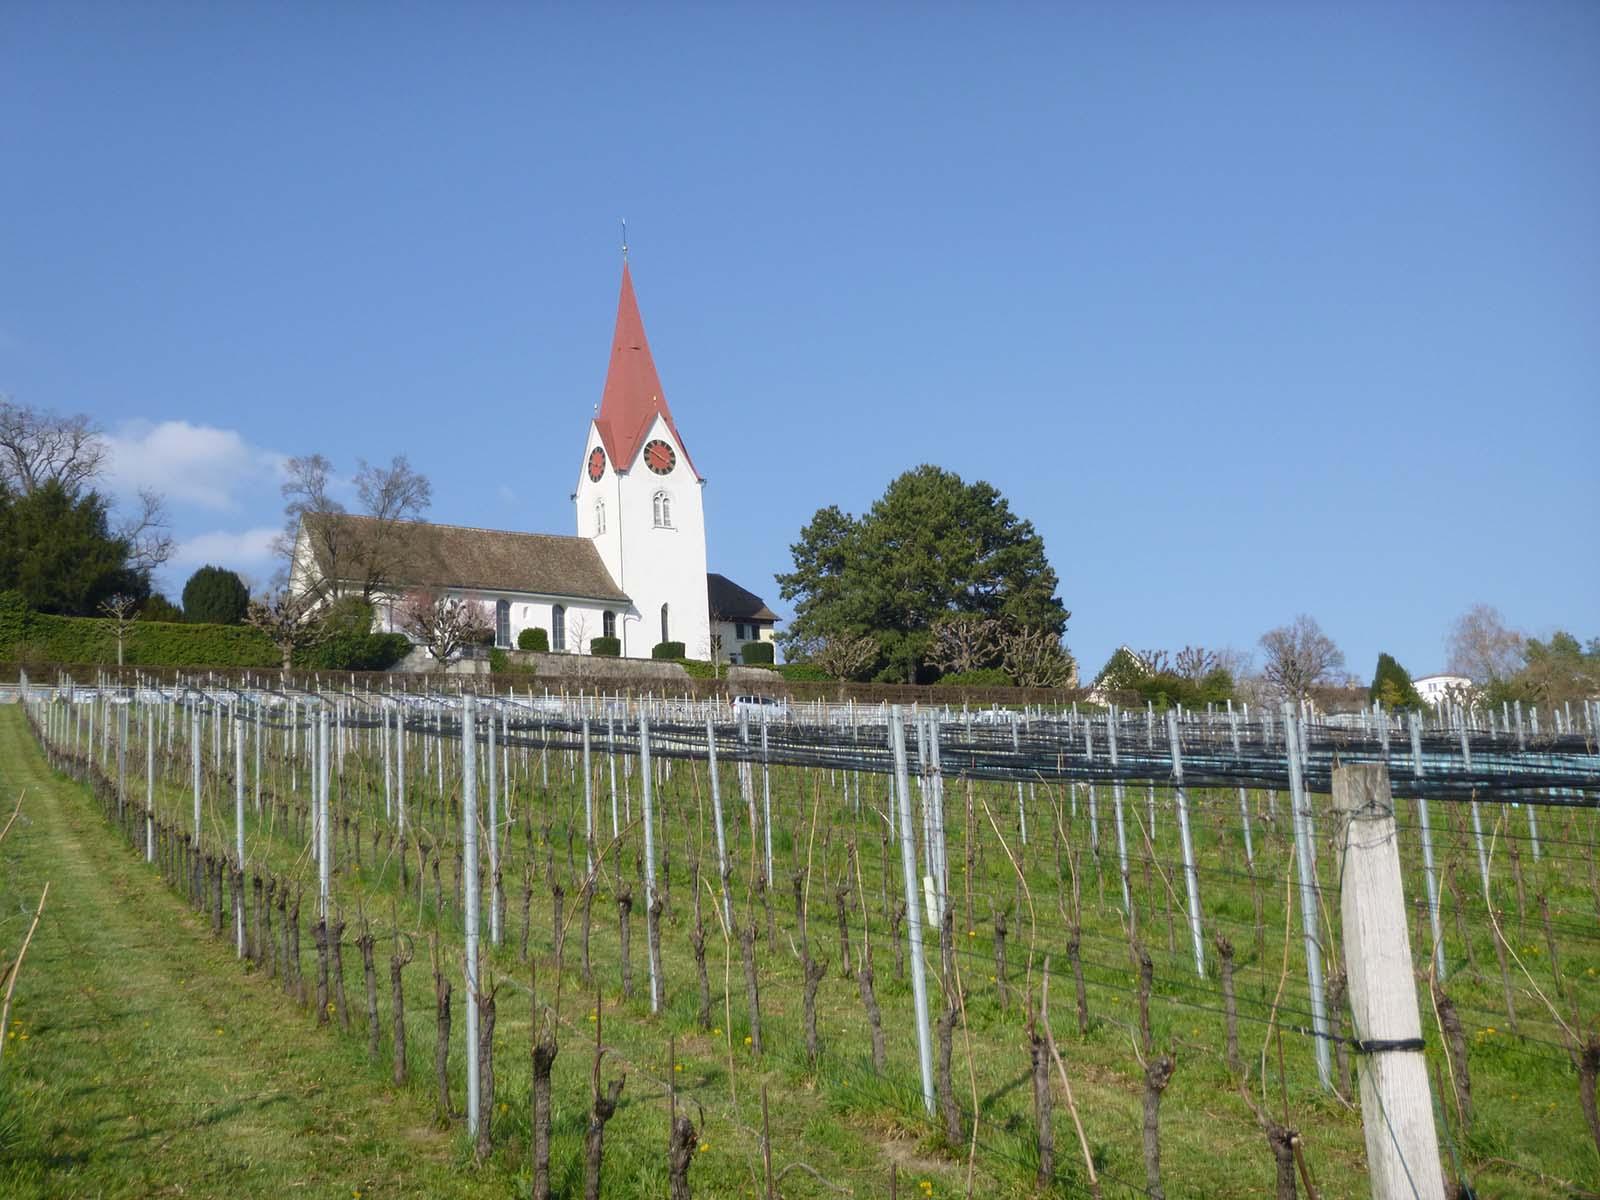 Der grösste Weinberg in Höngg liegt unterhalb der reformierten Kirche und umfasst rund 13 Hektar.